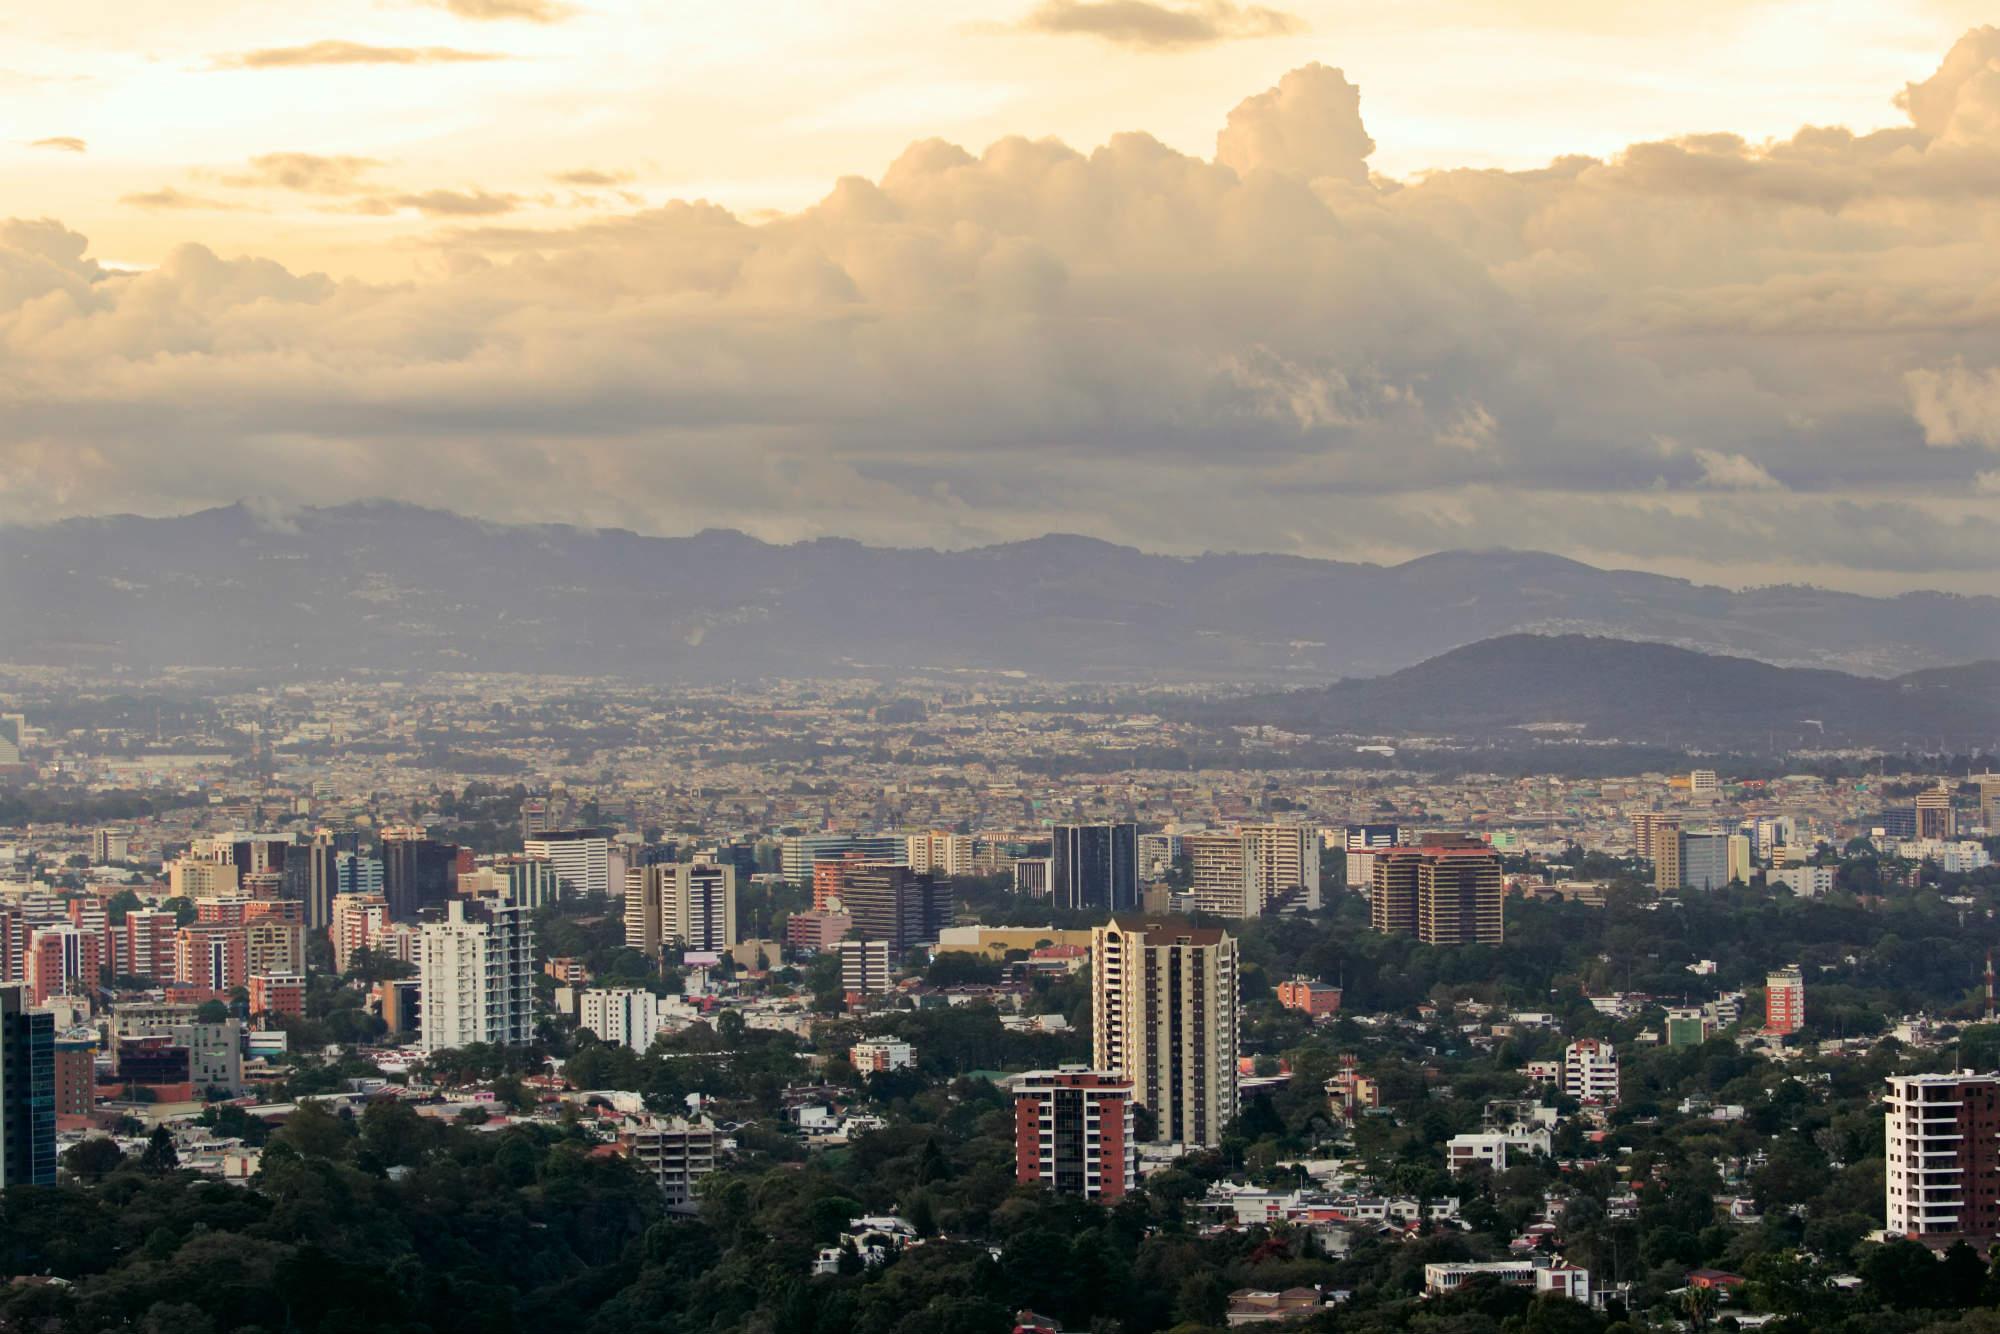 Las ciudades que sobrevivirán en el tiempo serán las flexibles: Michael Keith